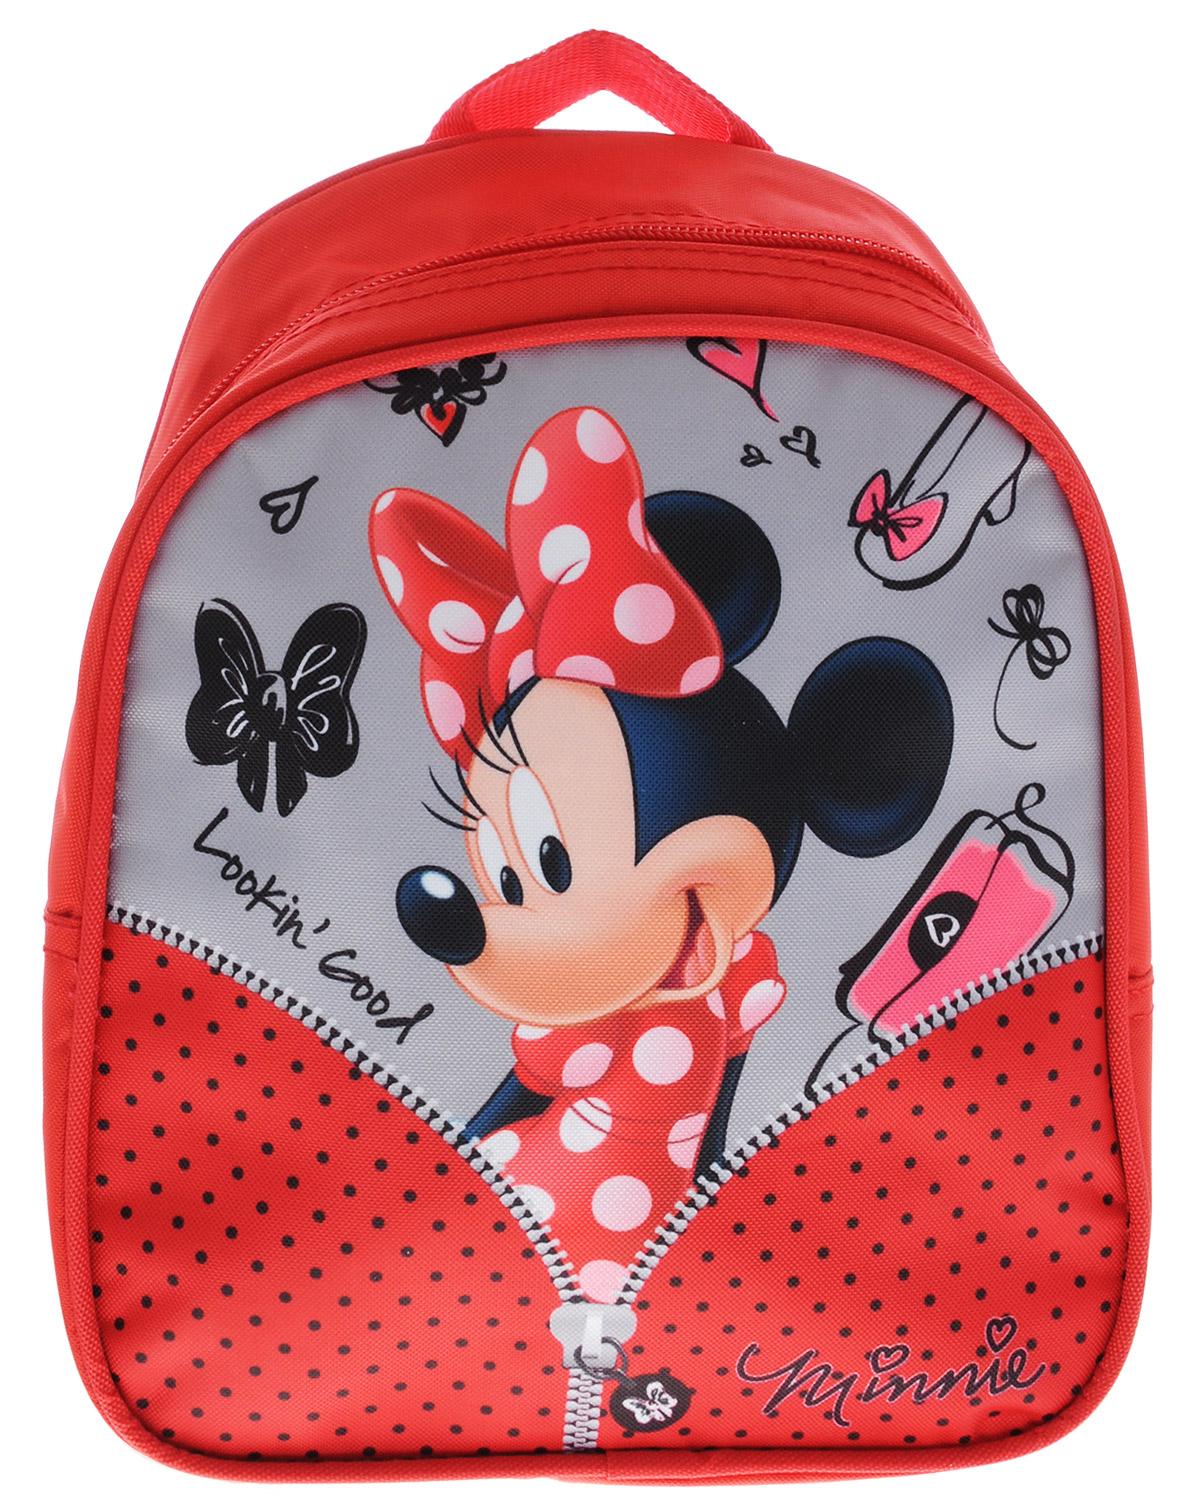 Disney Рюкзак дошкольный малый Минни29130Малый дошкольный рюкзак Disney Минни выполнен из прочного полиэстера и украшен изображением очаровательной Минни Маус (сублимированная печать). Рюкзак имеет одно отделение на молнии, регулируемые лямки и специальную ручку для размещения на вешалке. Износостойкая ткань с водоотталкивающей пропиткой сохранит содержимое рюкзака сухим. Порадуйте своего ребенка таким замечательным подарком!